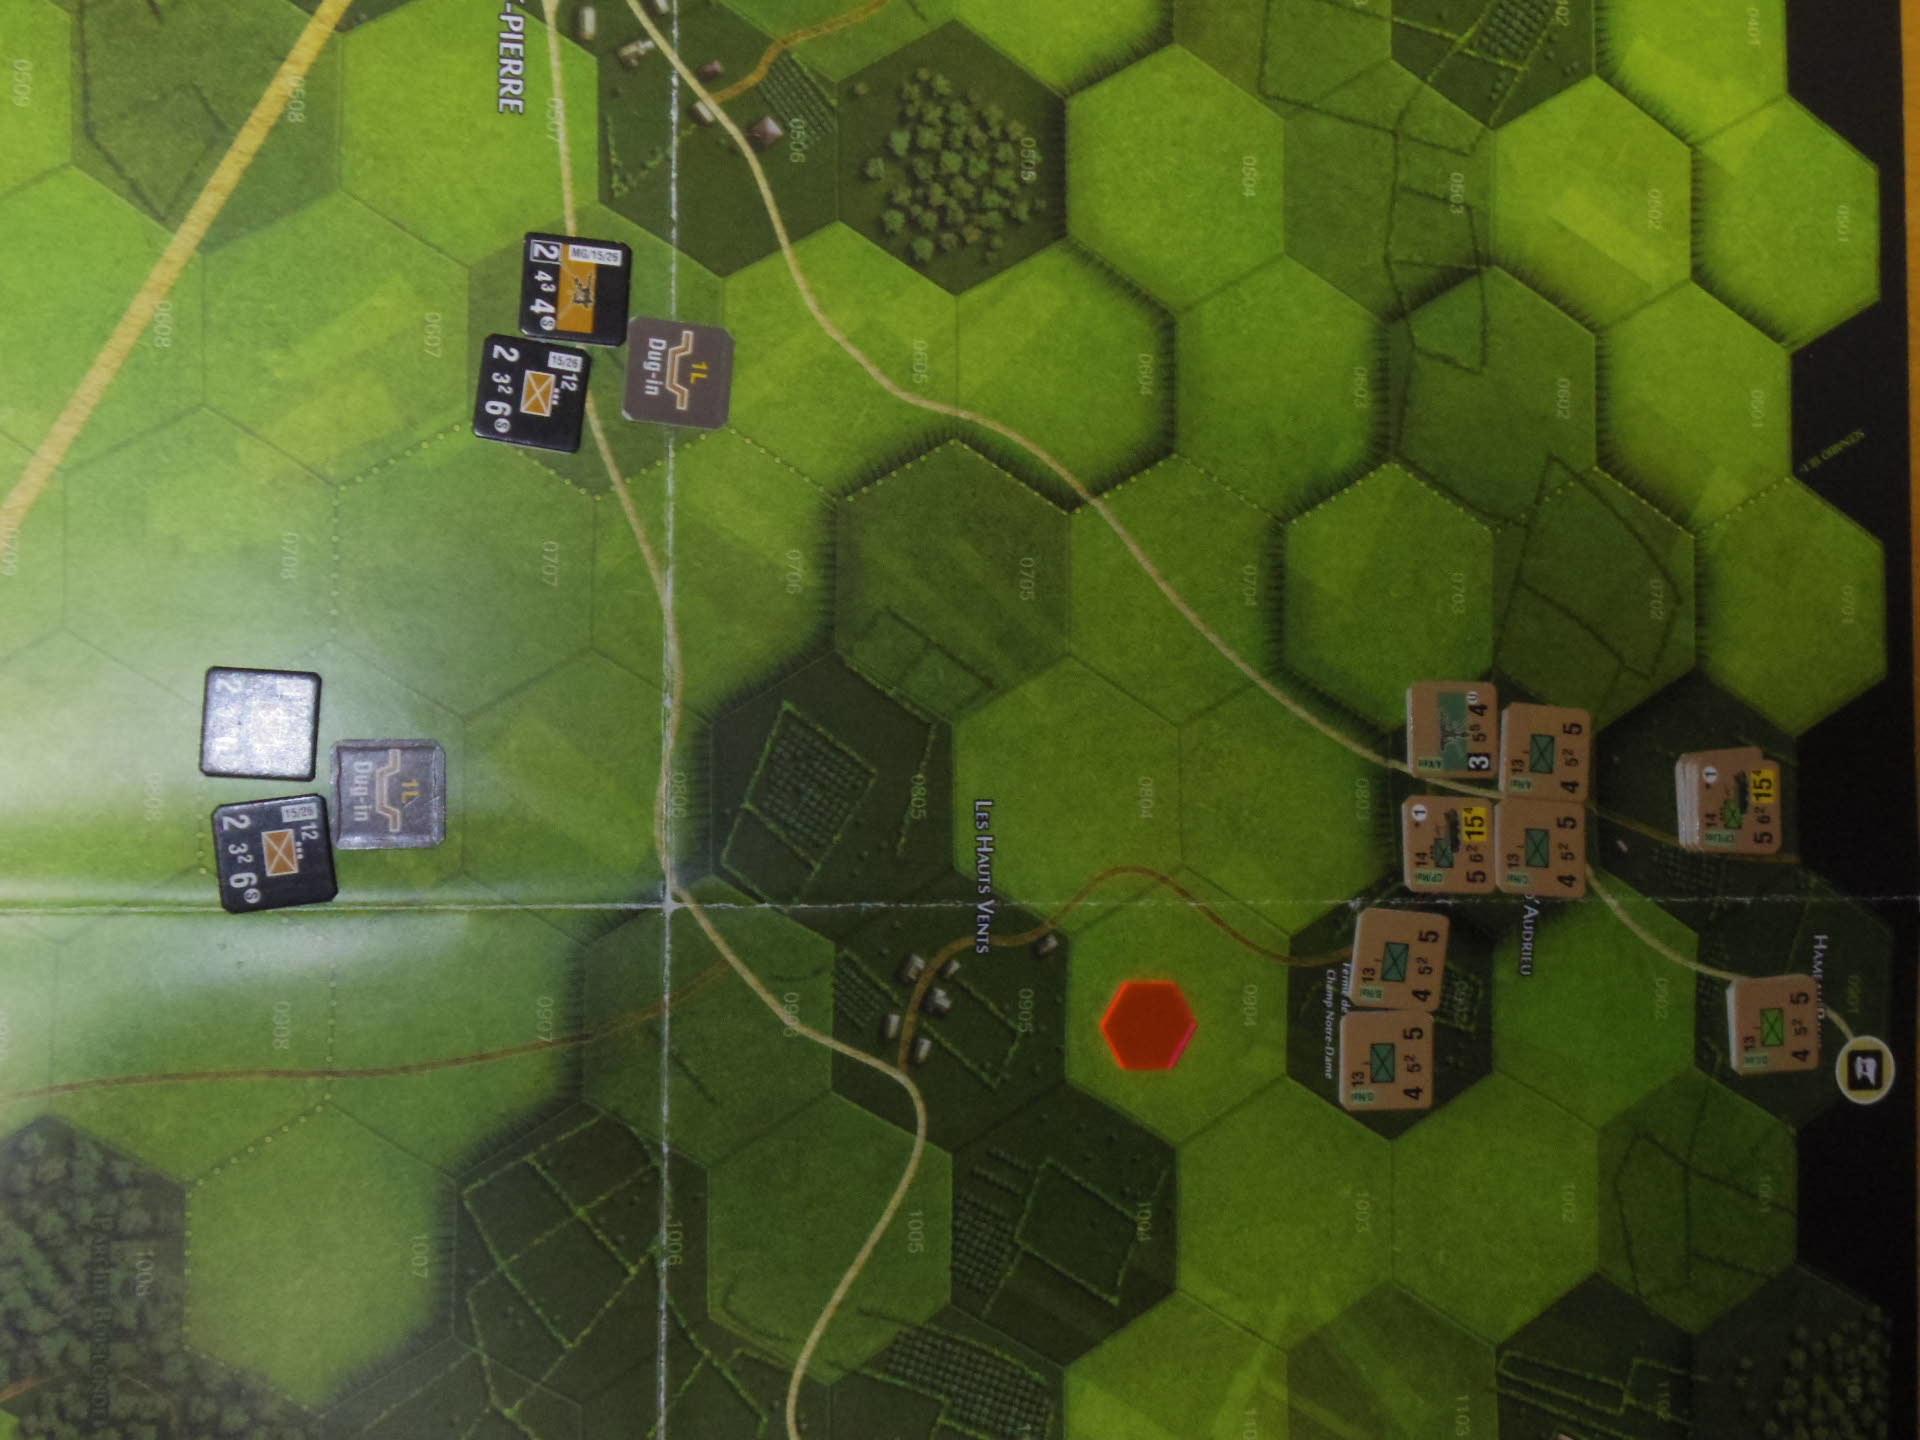 (GMT)ドーントレス作戦:練習シナリオ3「Recon Roundup(偵察の仕上げ)」からシナリオ18.1「Nightmarish Crossroad(悪夢のクロスロード)」その㈠_b0173672_01190894.jpg